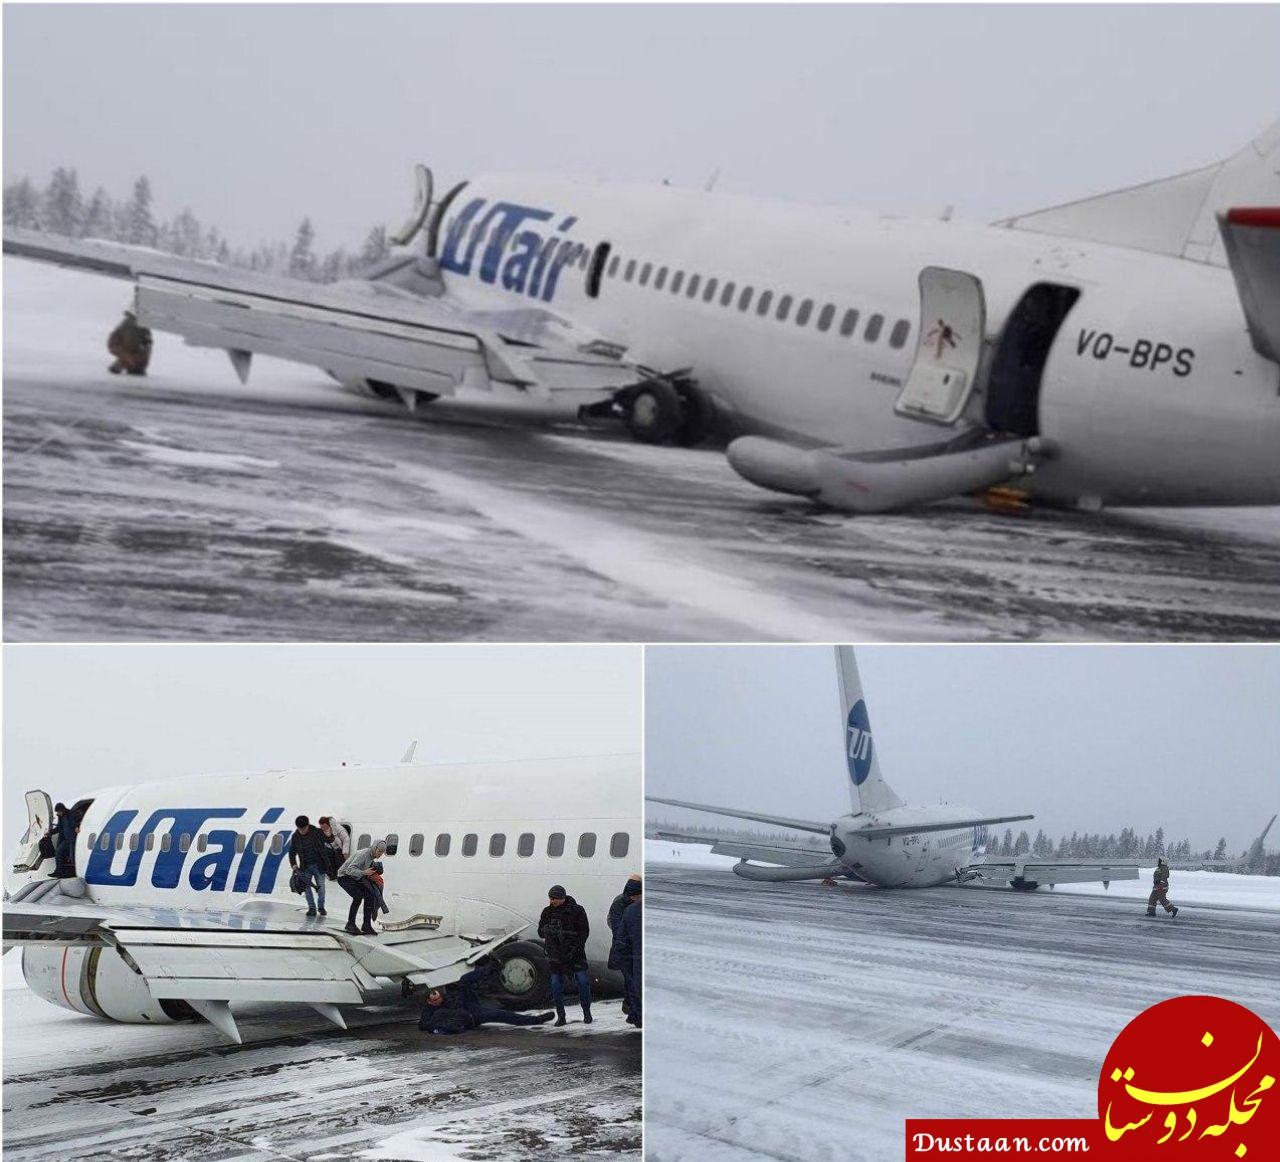 www.dustaan.com فرود سخت و پراسترس هواپیمای بوئینگ 737 در فرودگاه اوسینسک روسیه